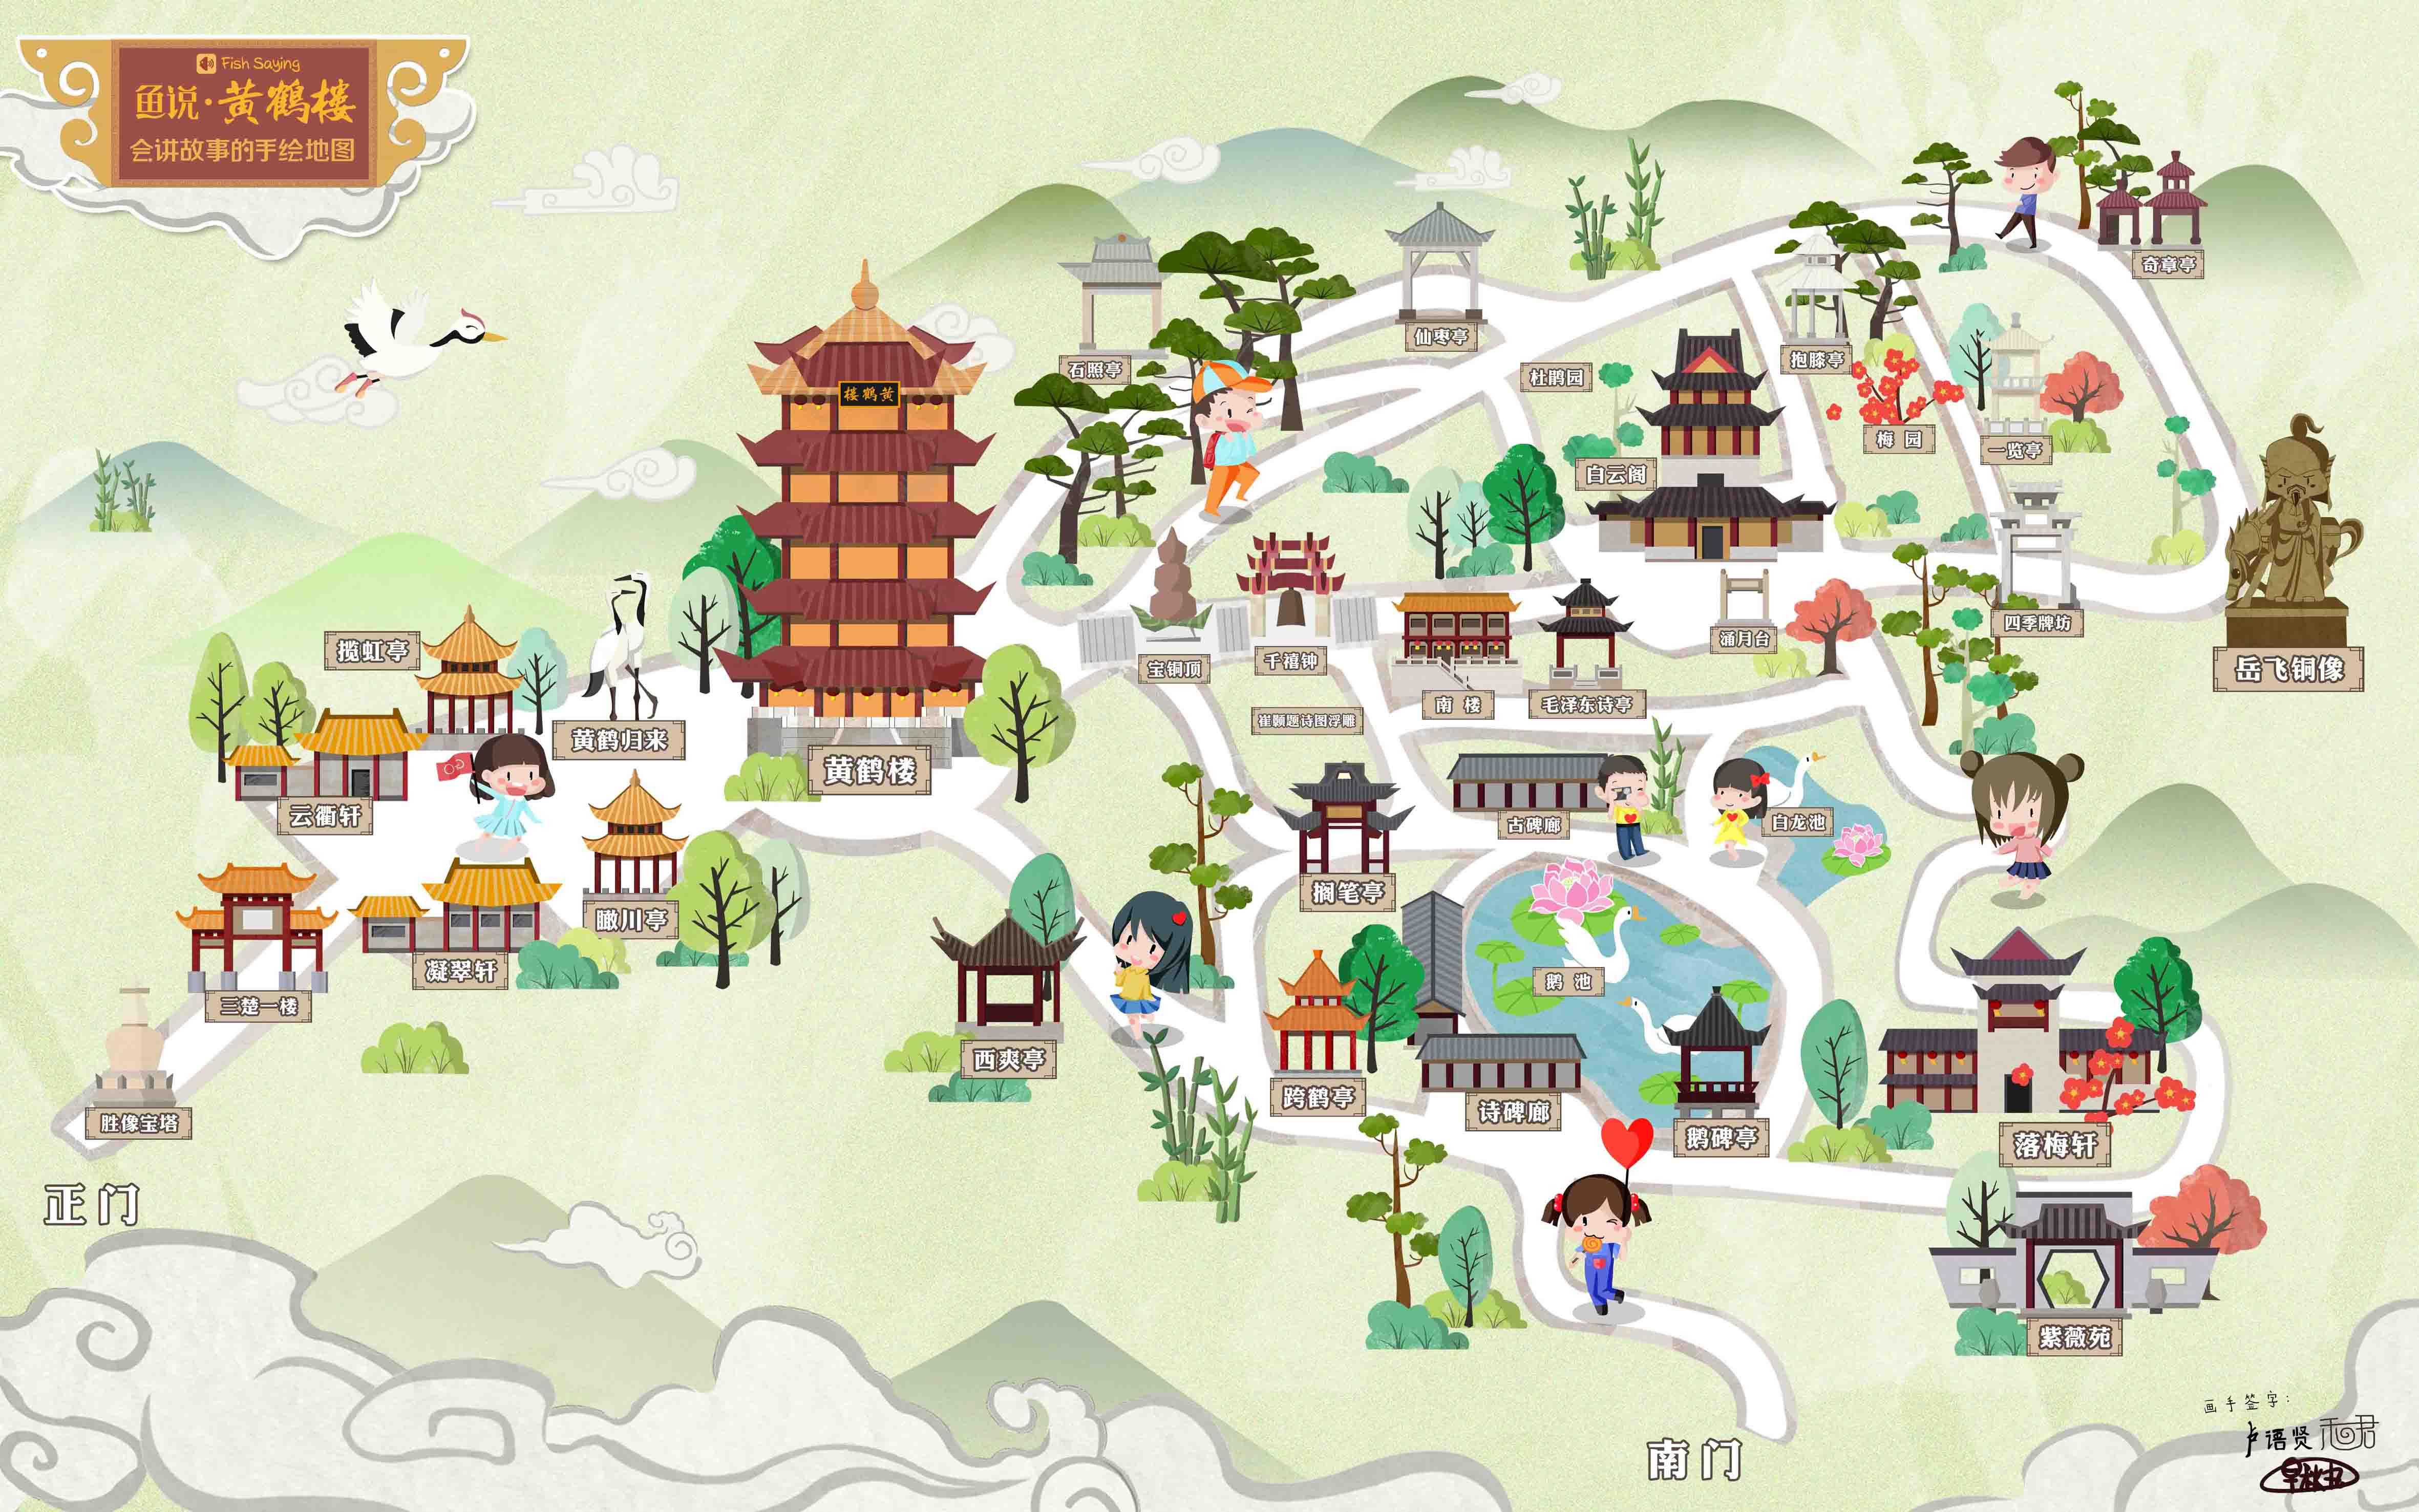 【黄鹤楼手绘地图/明信片】